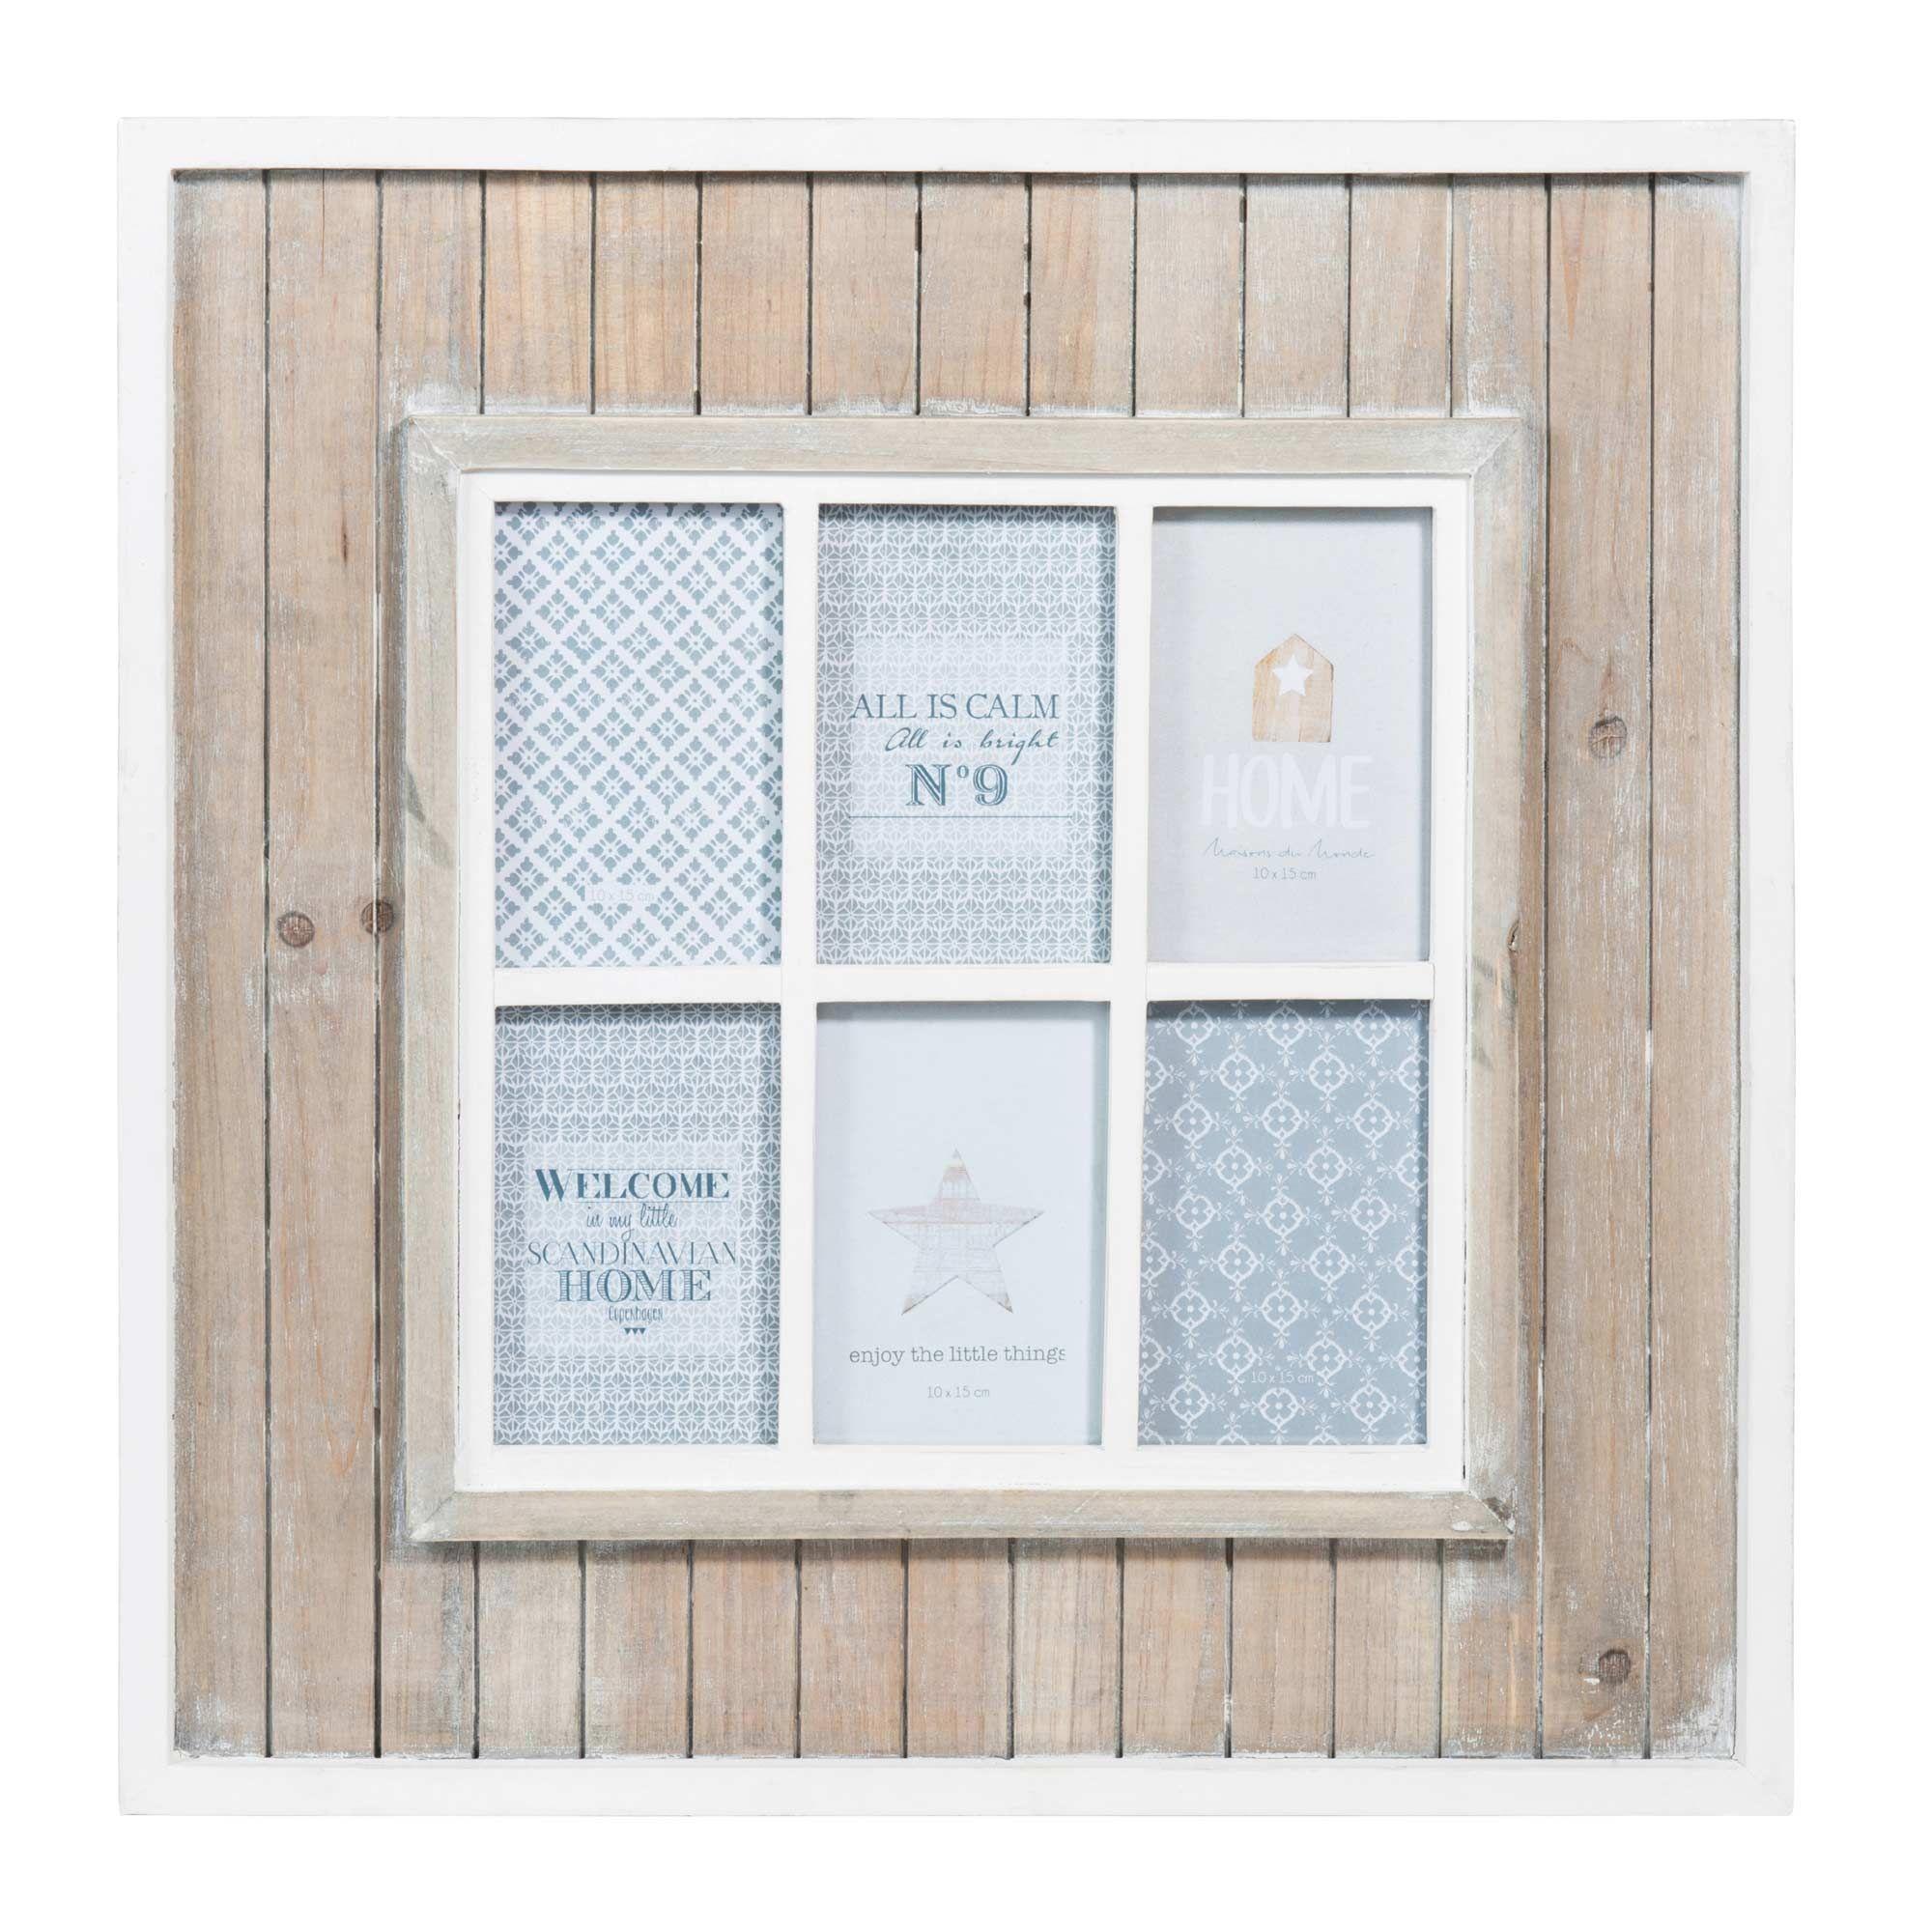 Marco de fotos ventana de madera 50 x 50 cm SNOW | wish list ...